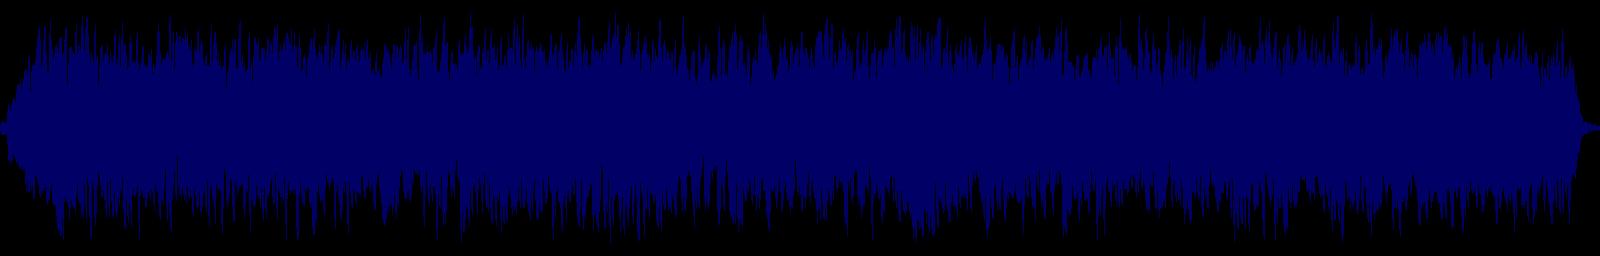 waveform of track #149764